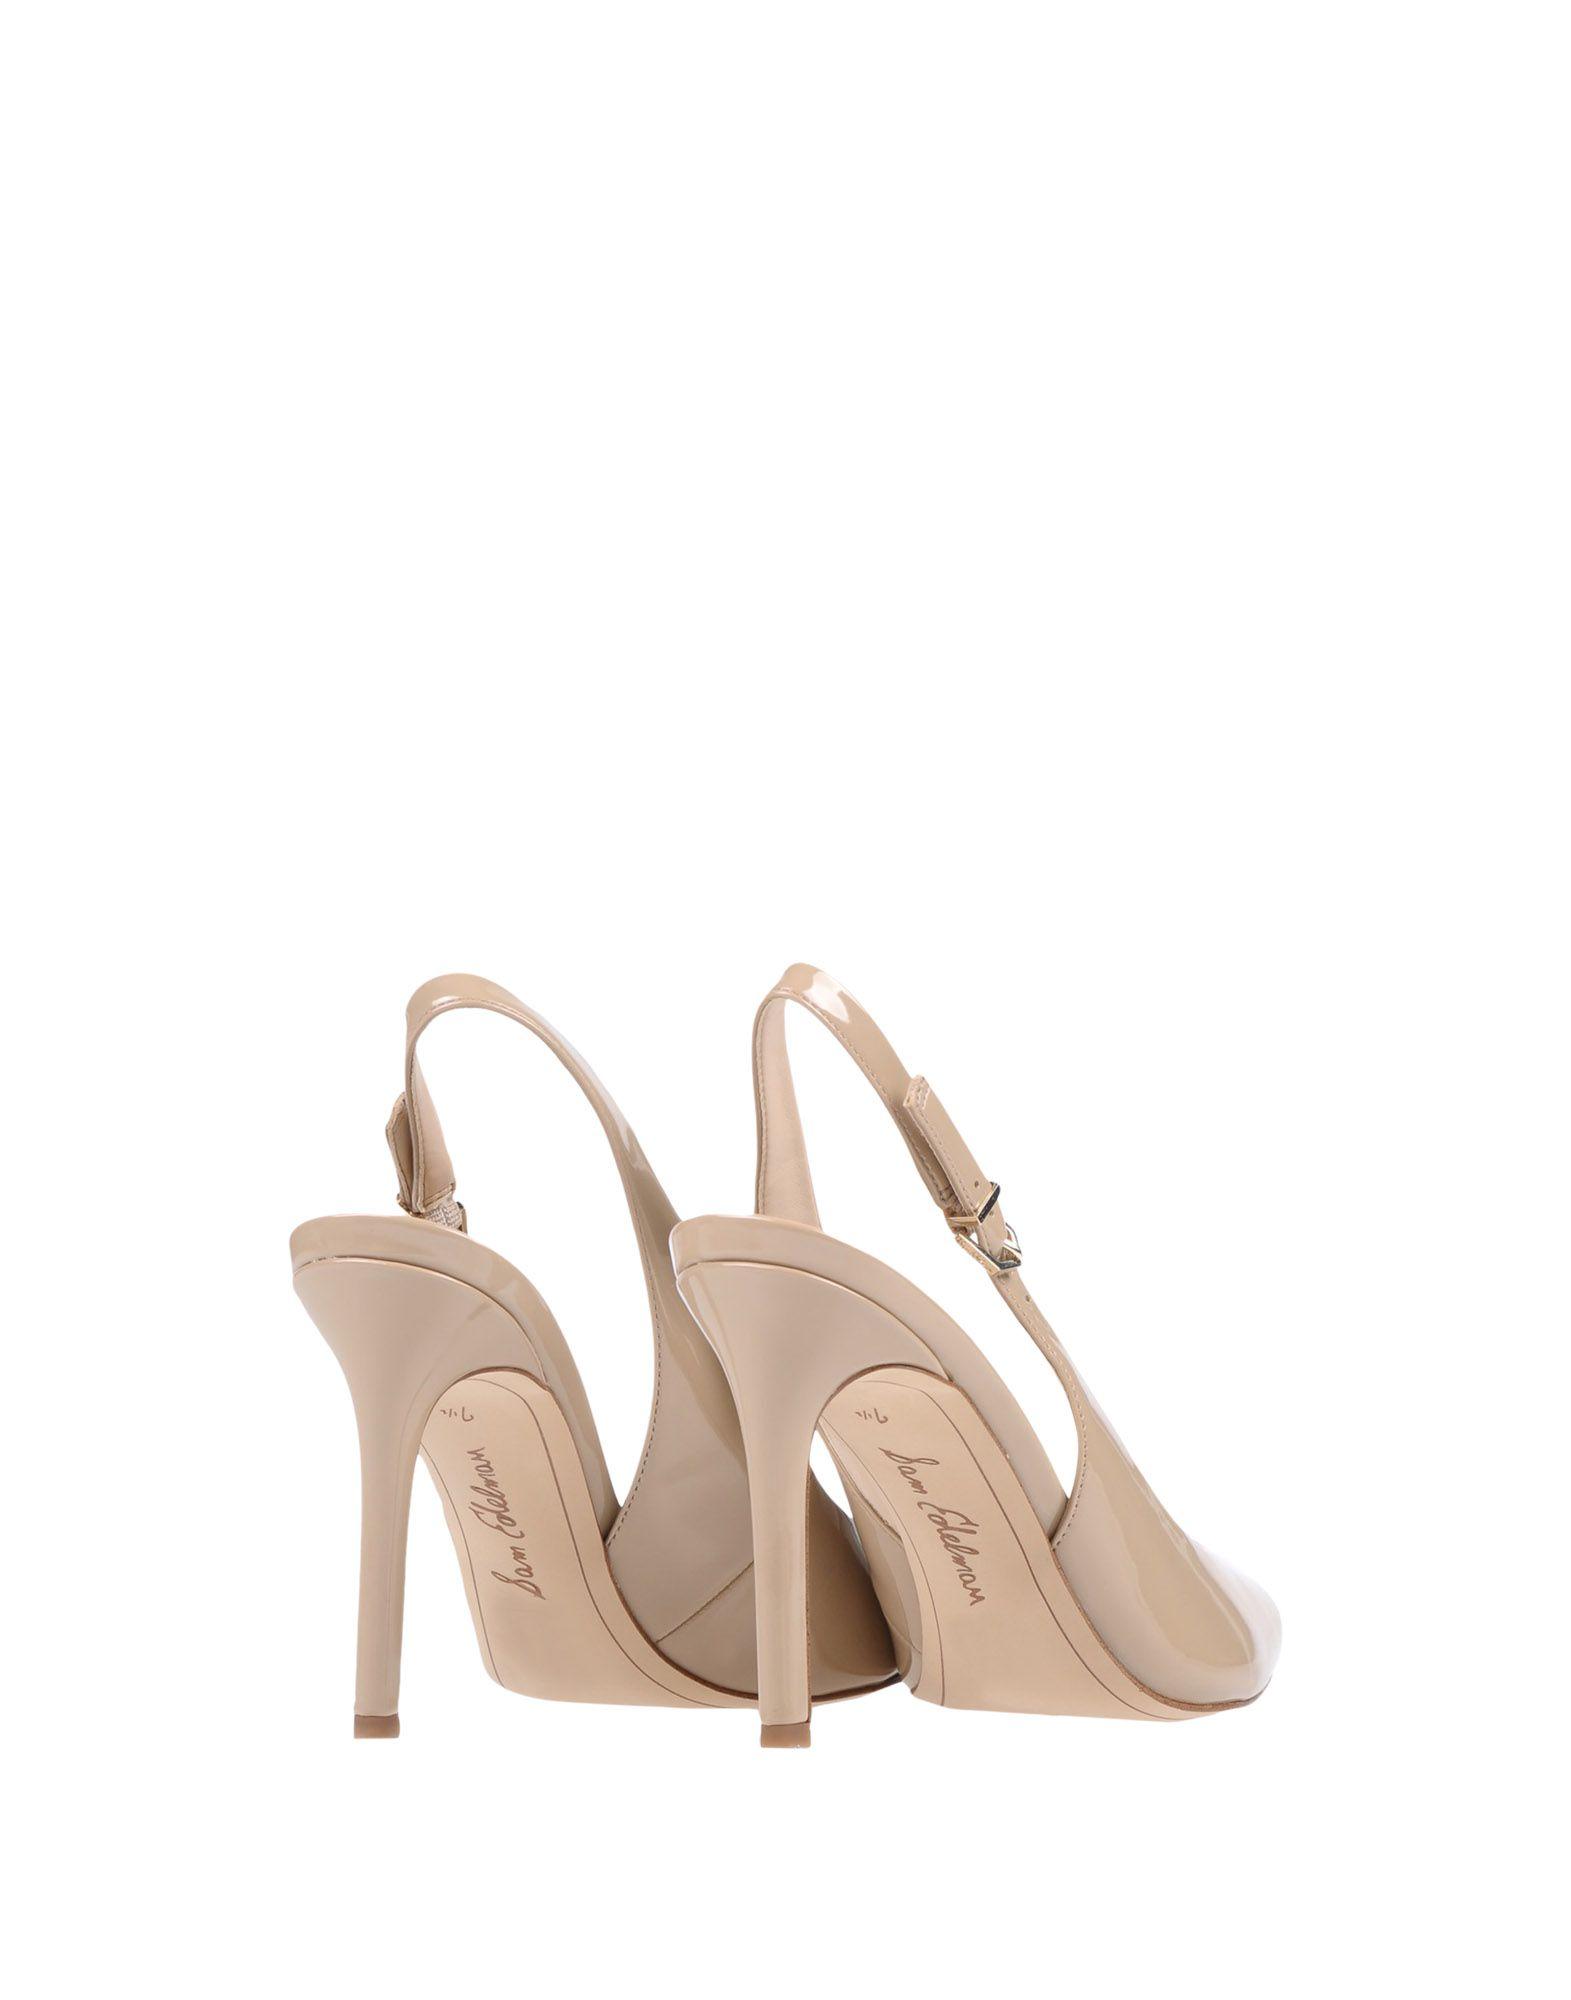 Sam Edelman Gute Pumps Damen  11508797TM Gute Edelman Qualität beliebte Schuhe 620212